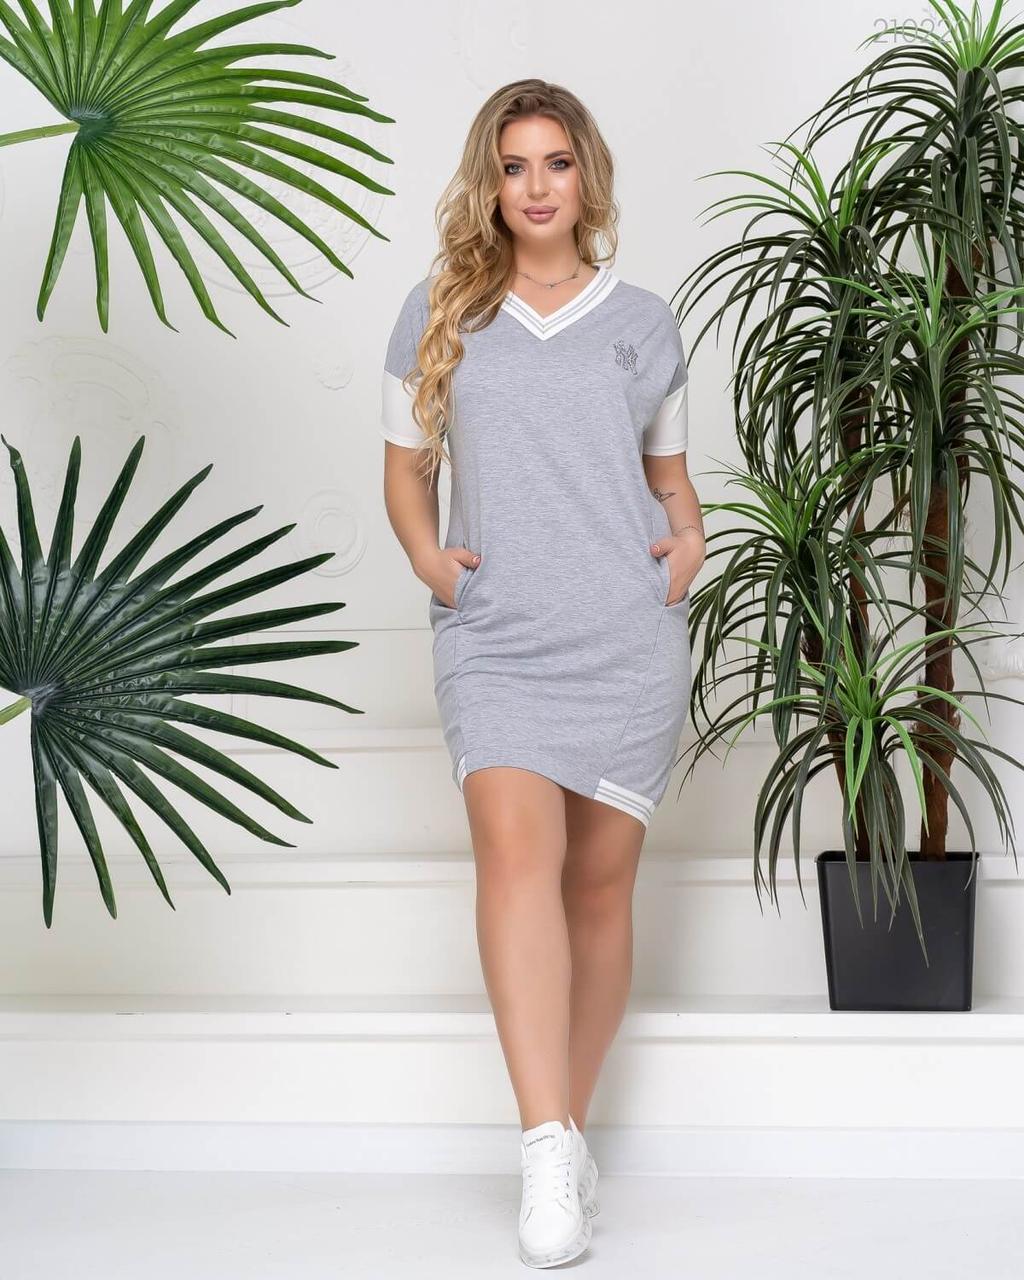 Женское летнее спортивное платье в больших размерах с коротким рукавом и прямого кроя 51uk677